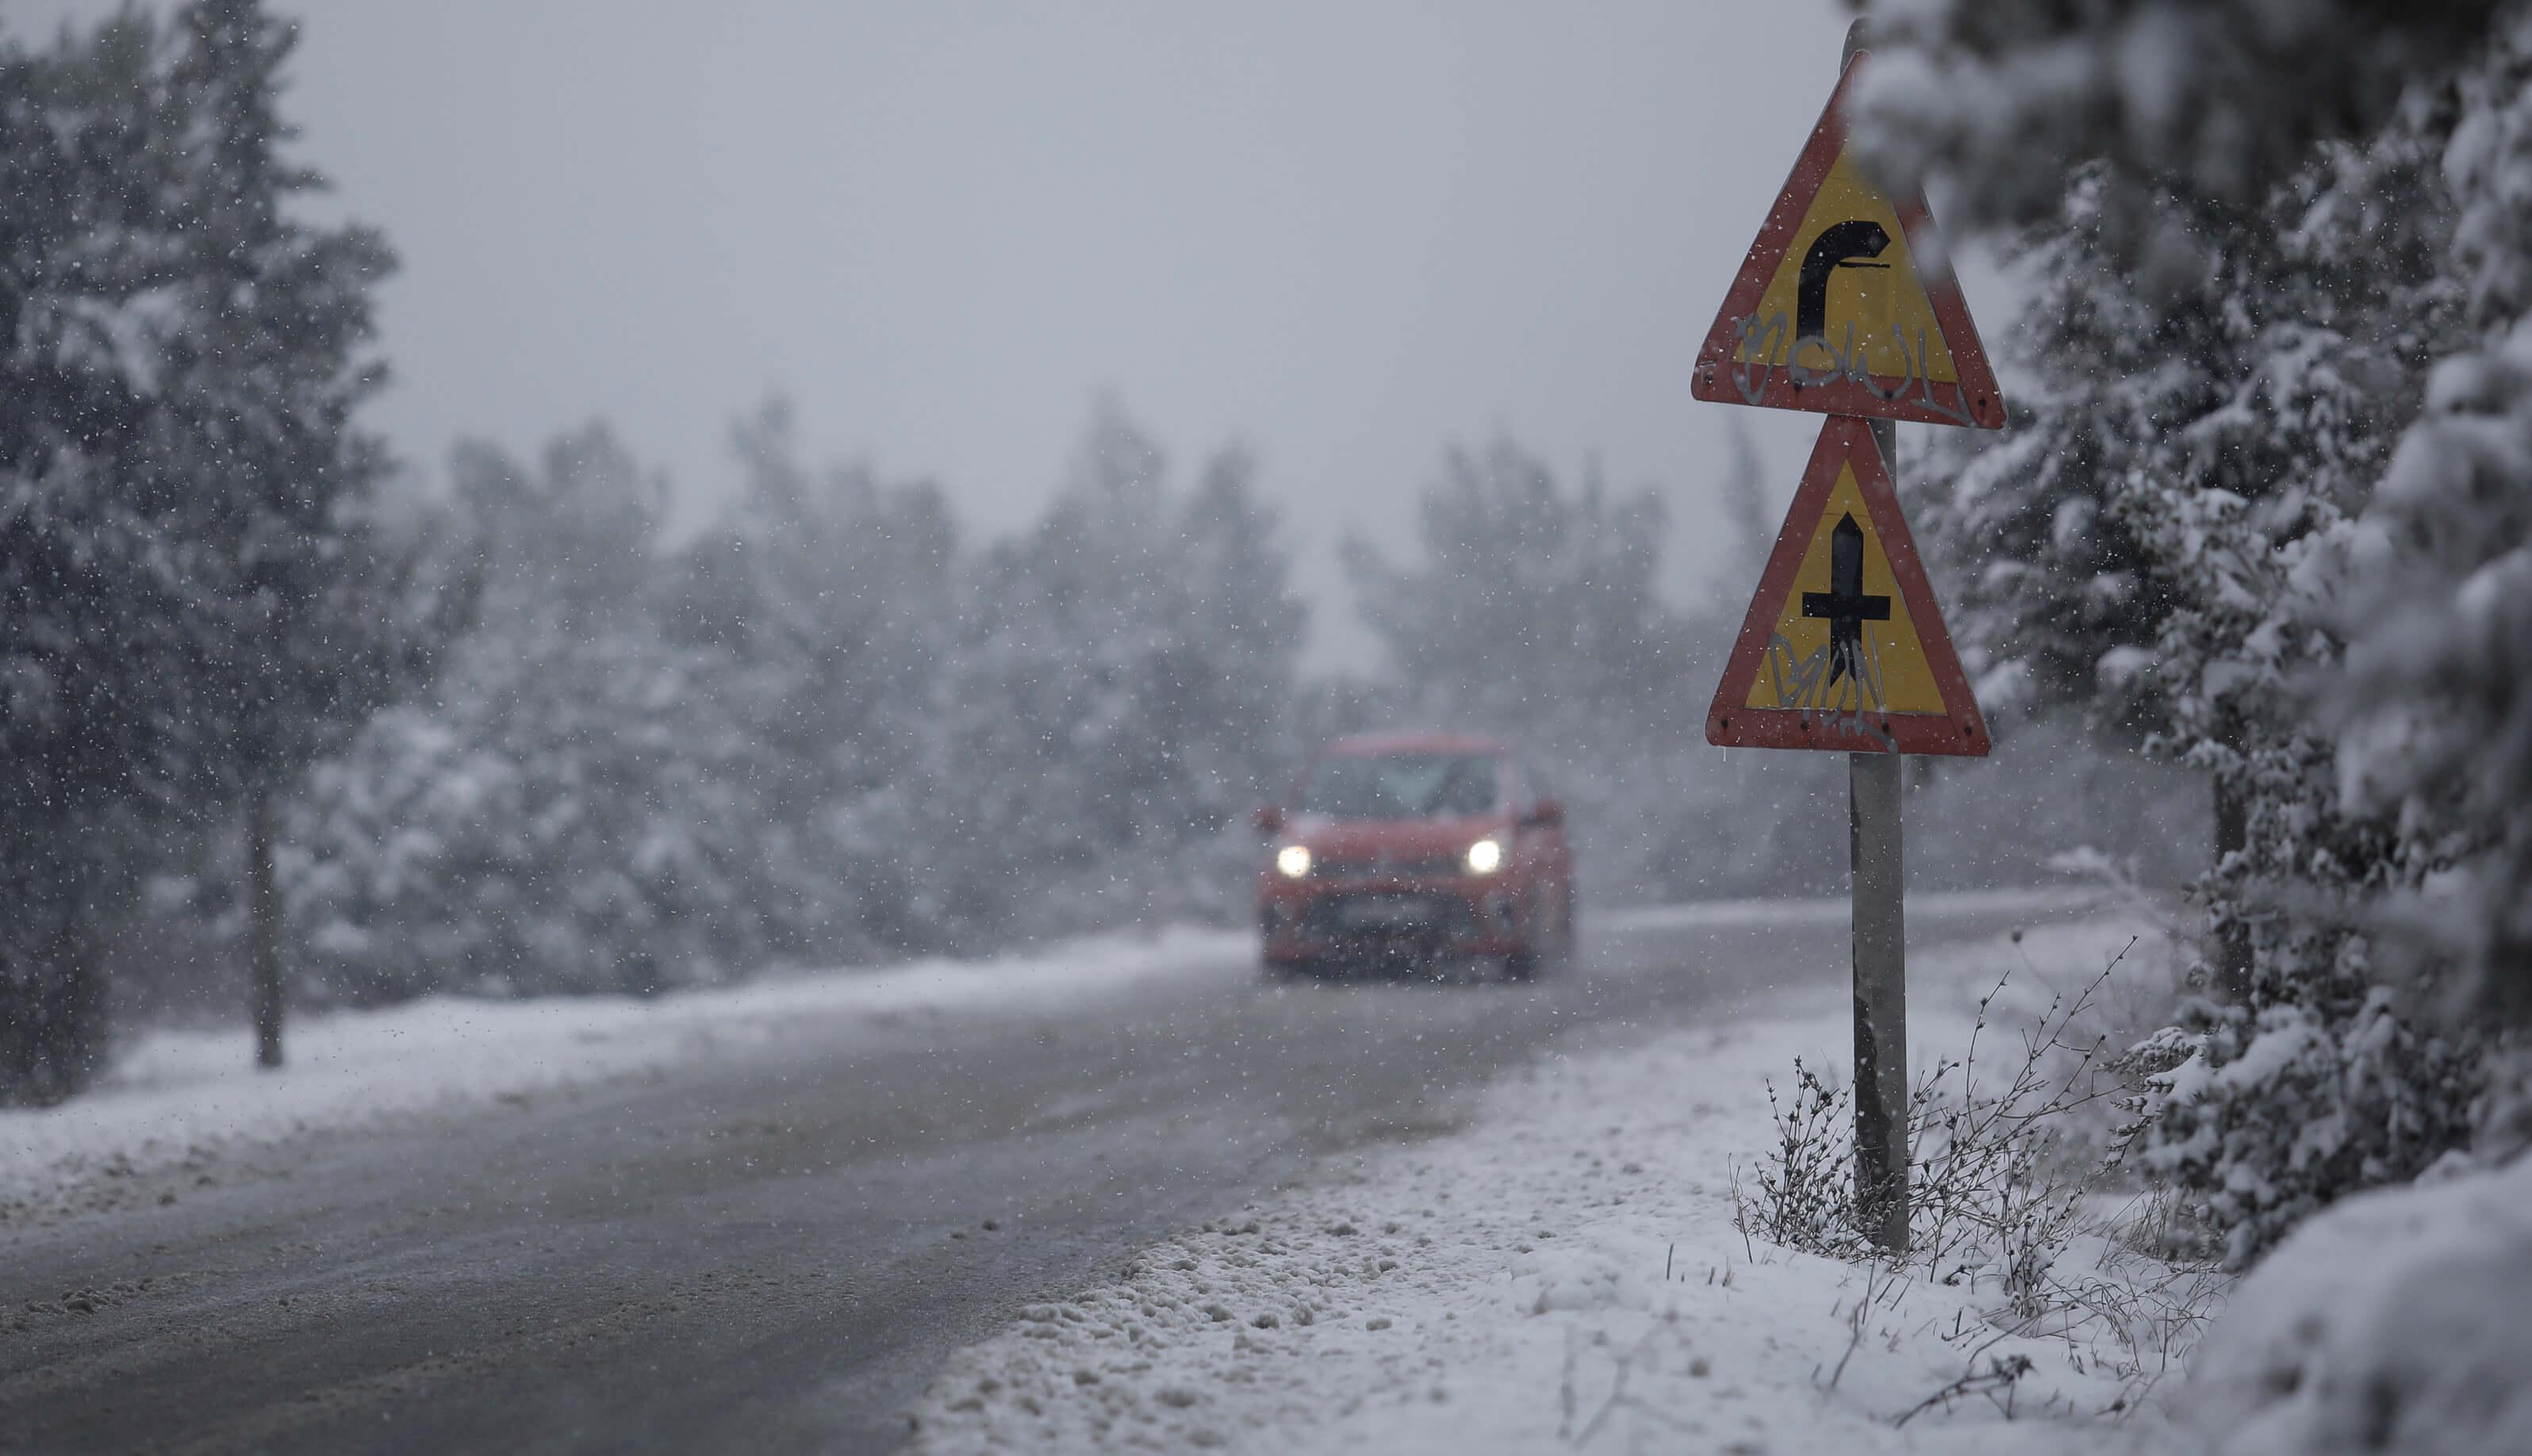 """Καιρός: Άνοιξη… """"τέλος"""" – Θερμοκρασίες ακόμα και κάτω από το 0! Καταιγίδες, χιόνια και δυνατοί άνεμοι"""